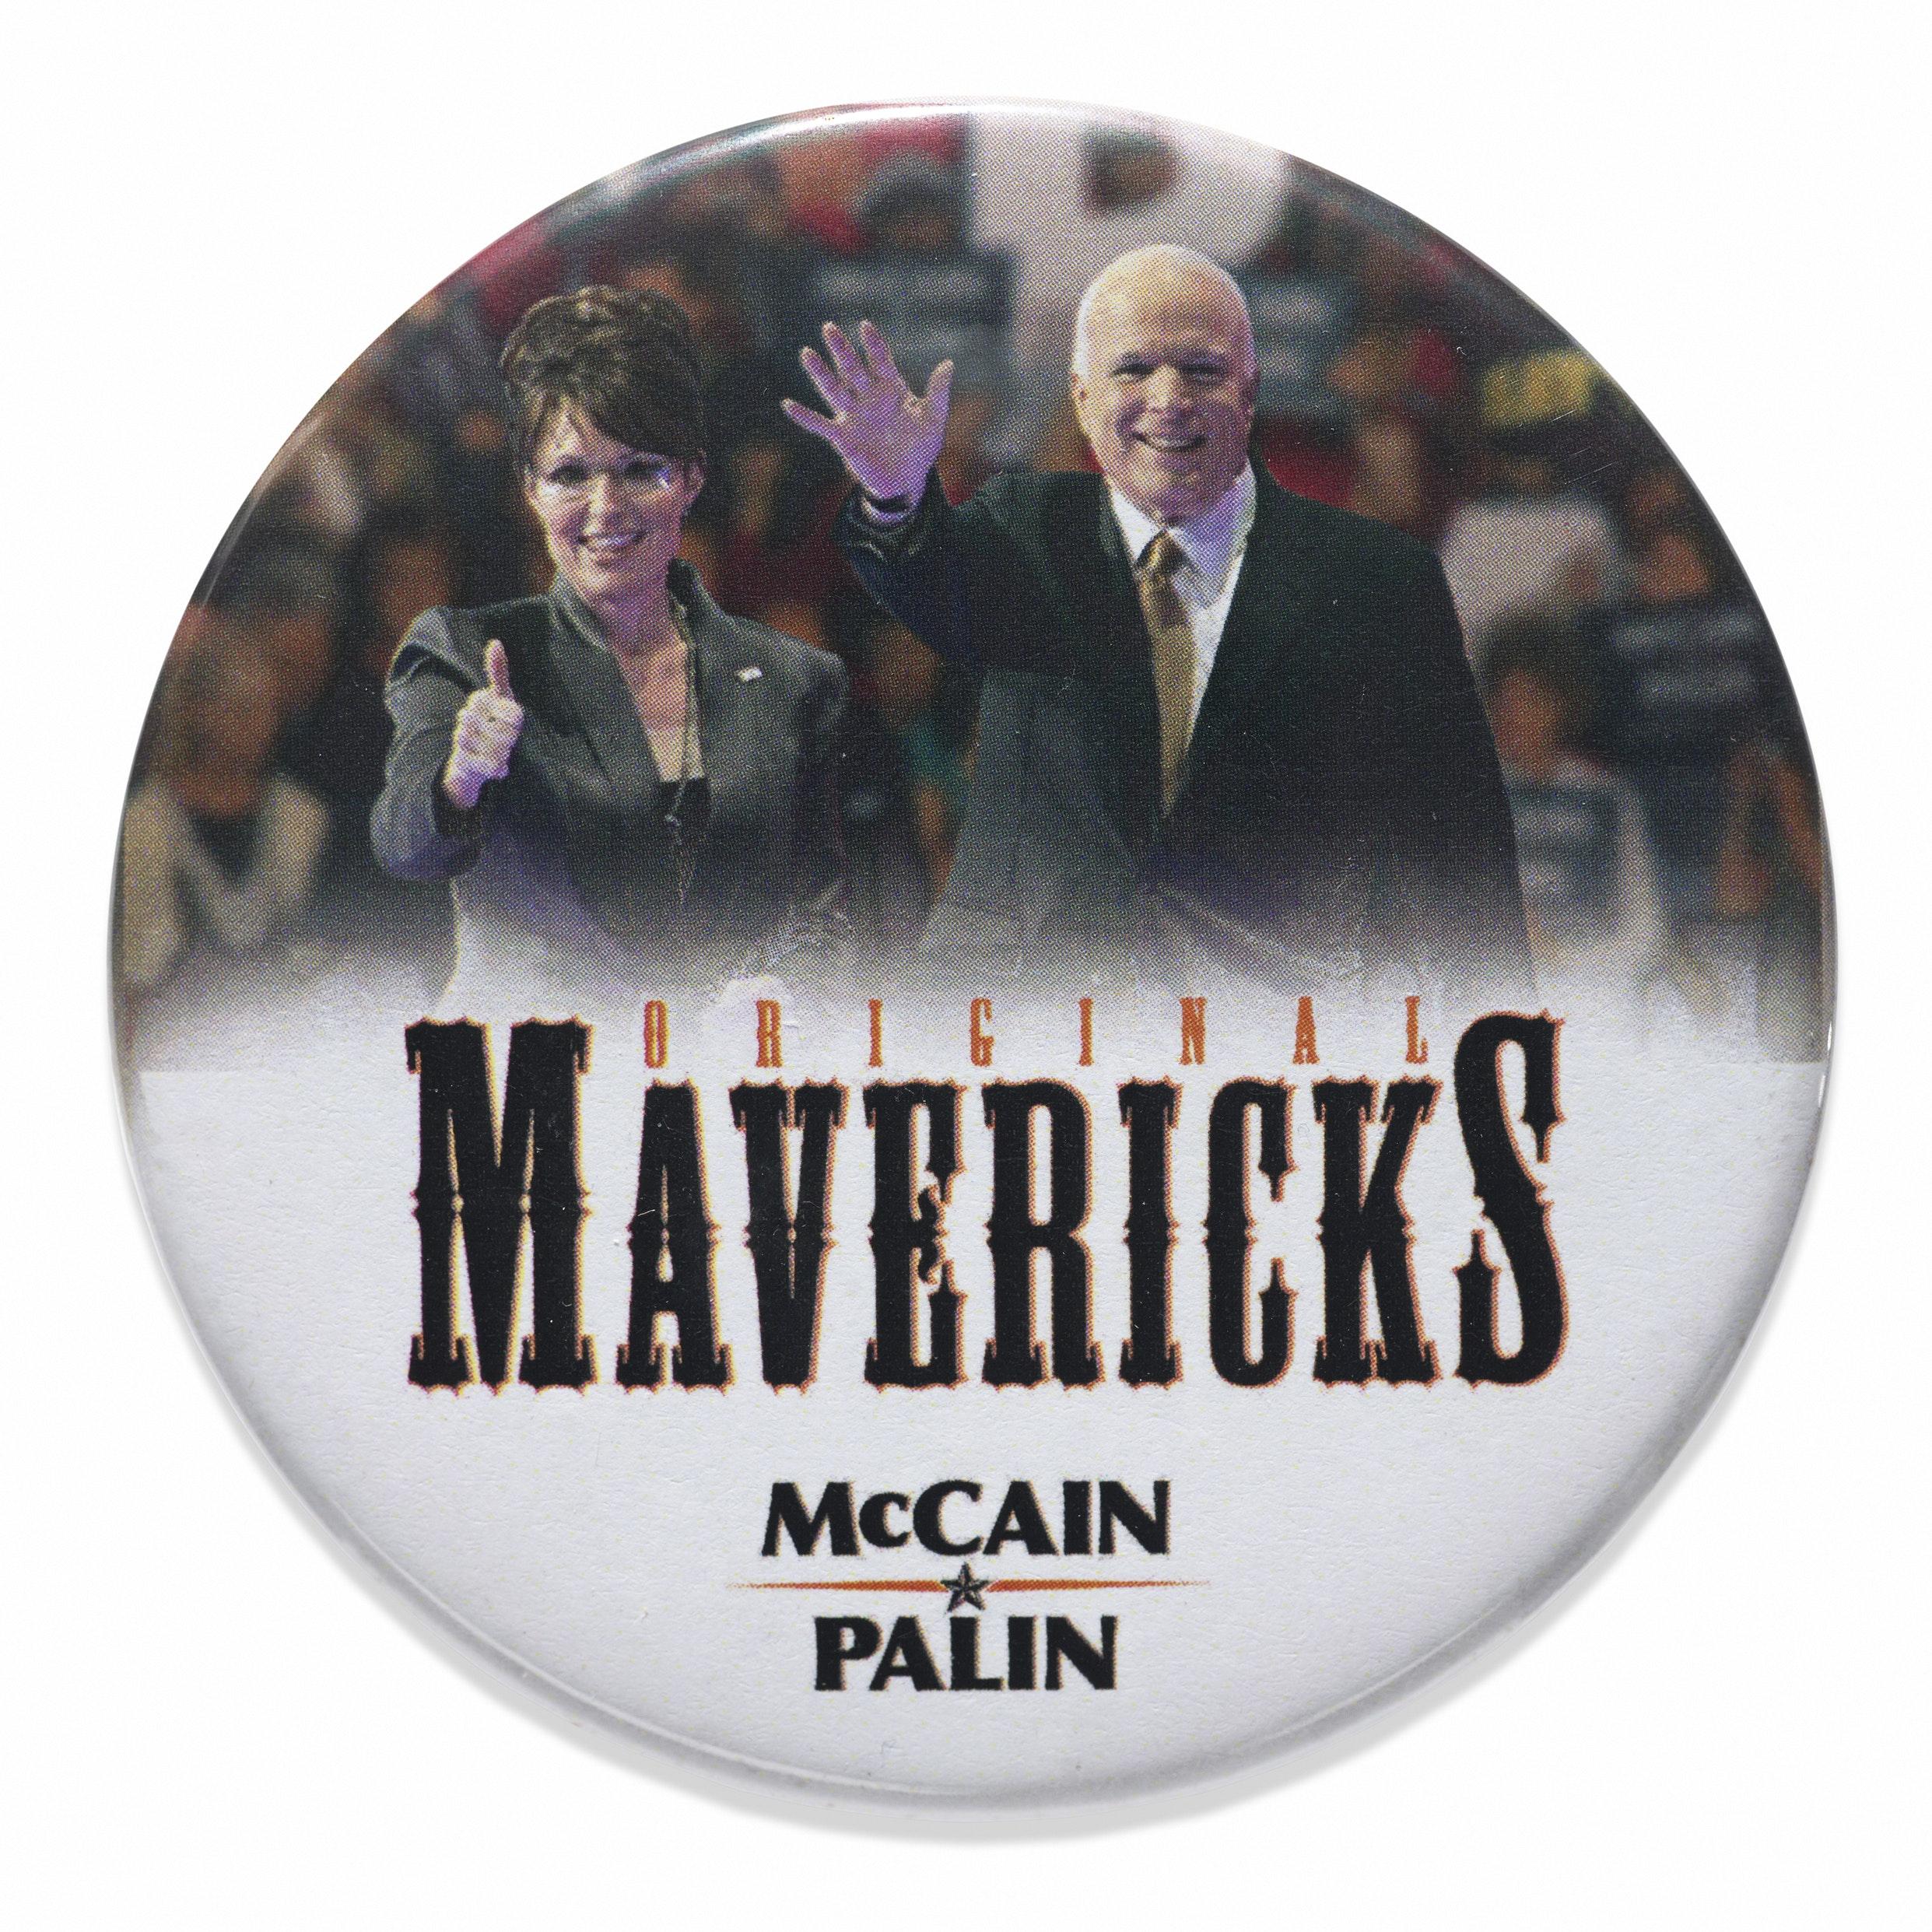 Palin Mccain Button Schlesinger Library Memorabilia Collection